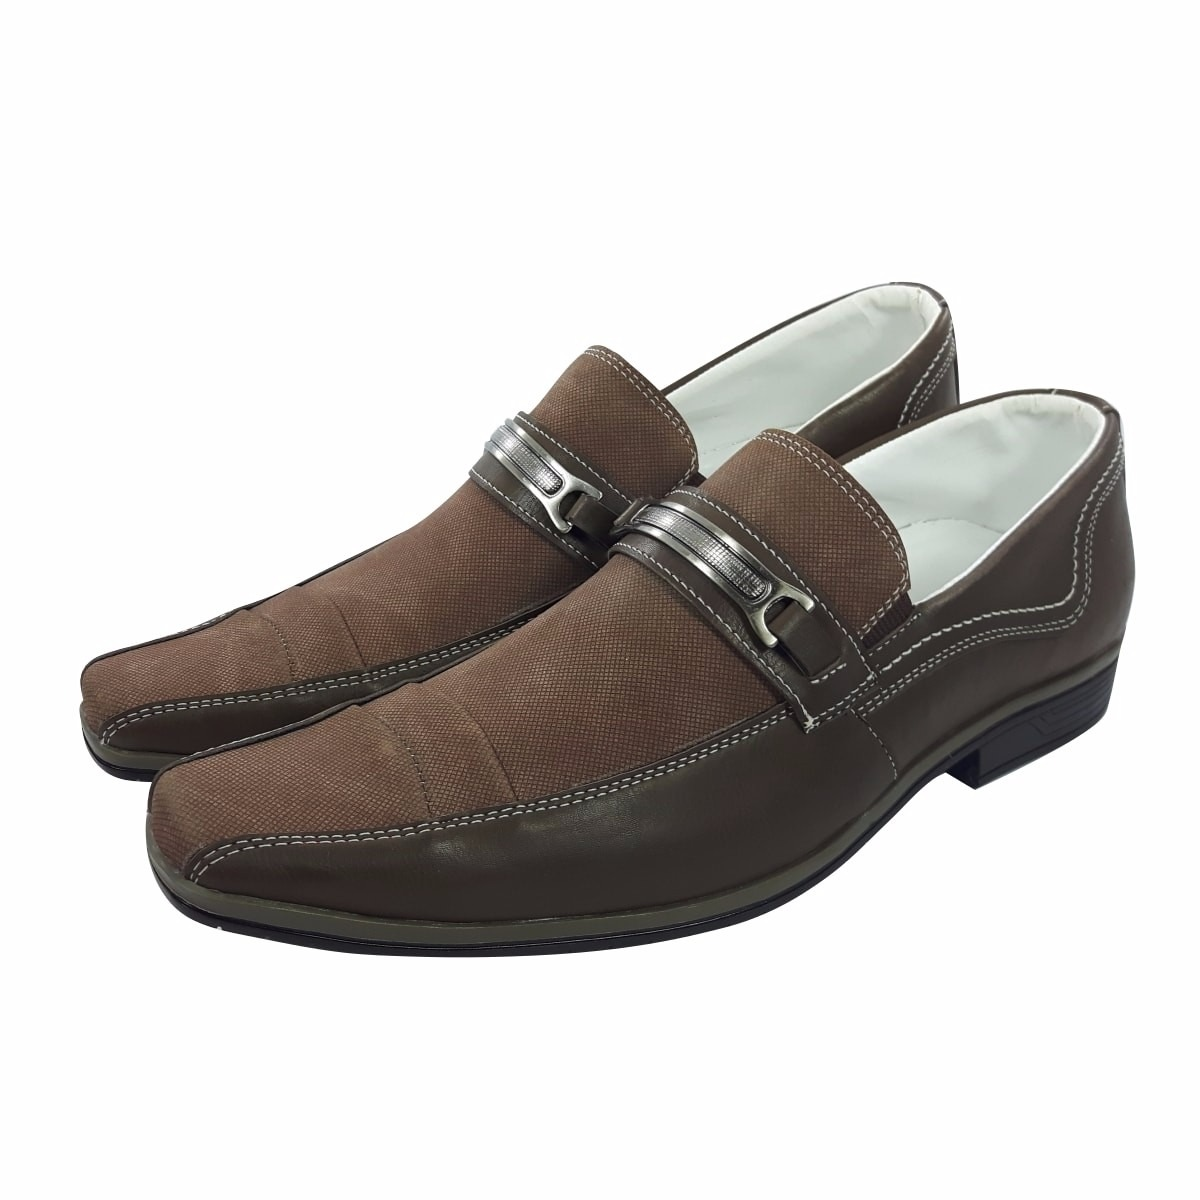 8d18198d5 sapato masculino social elegante couro e tecido. 6 Fotos